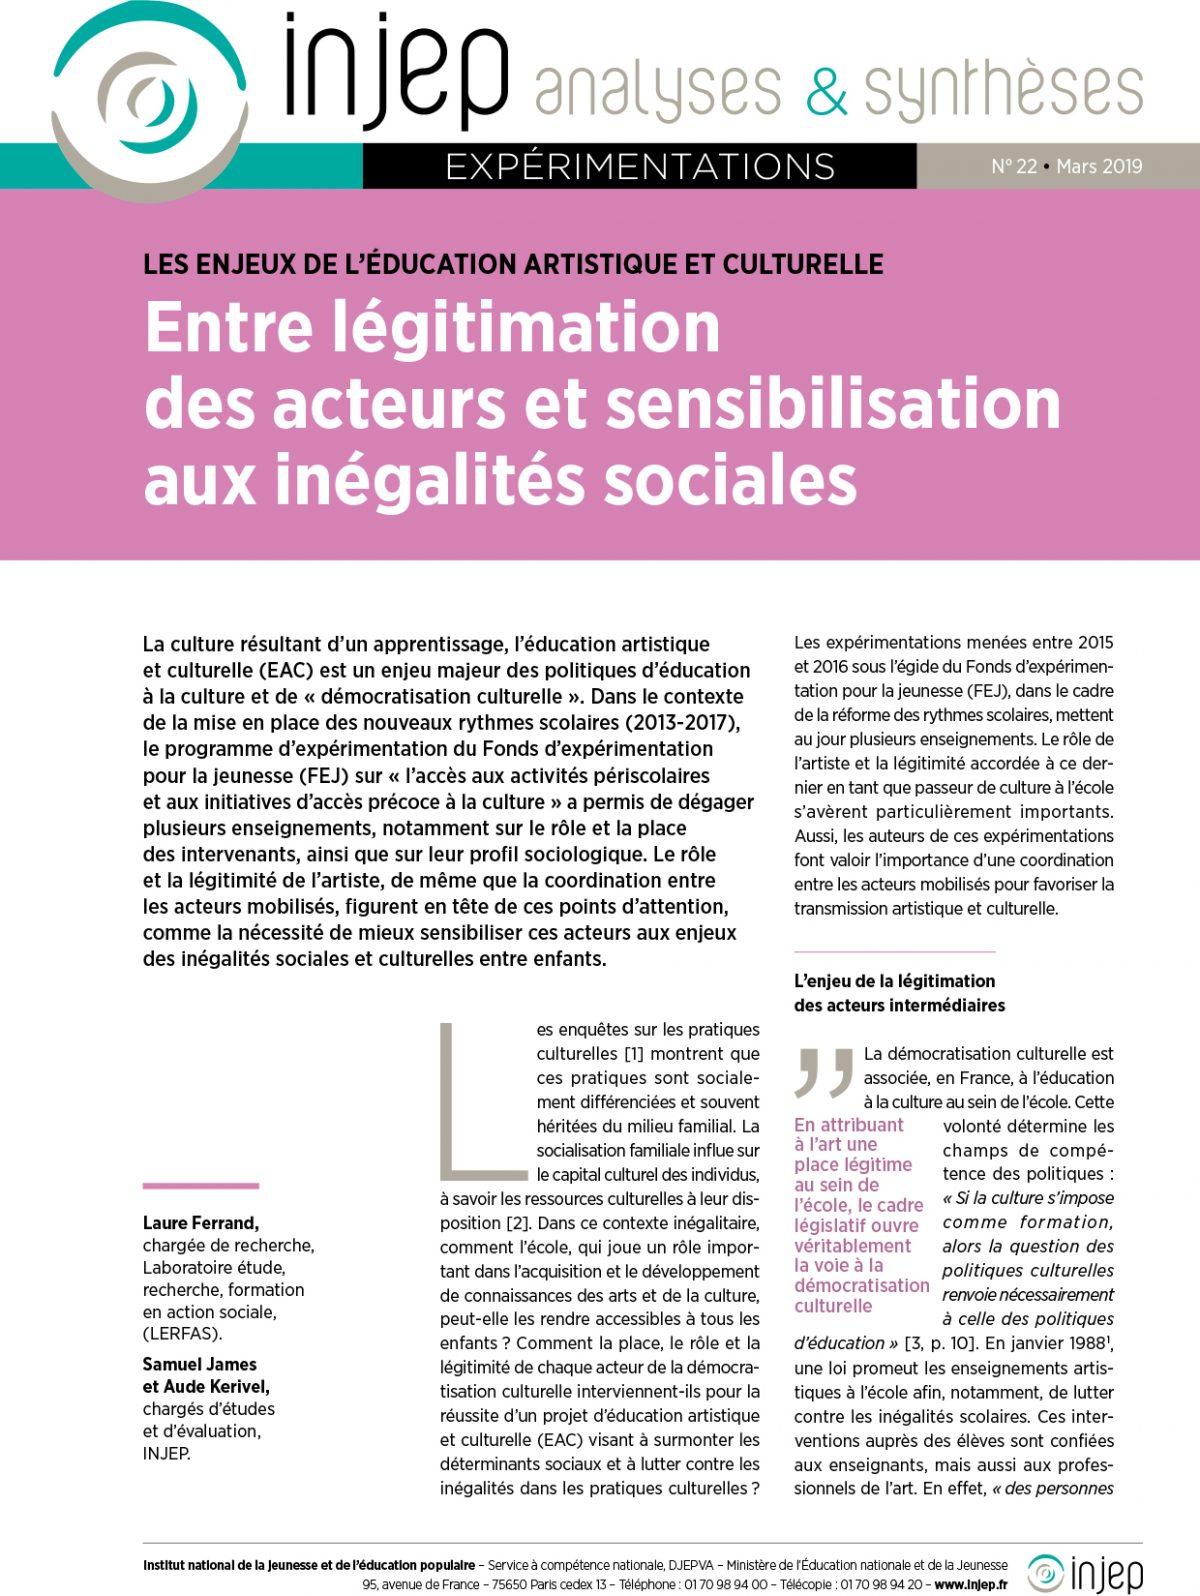 Les enjeux de l'éducation artistique et culturelle : entre légitimation des acteurs et sensibilisation aux inégalités sociales